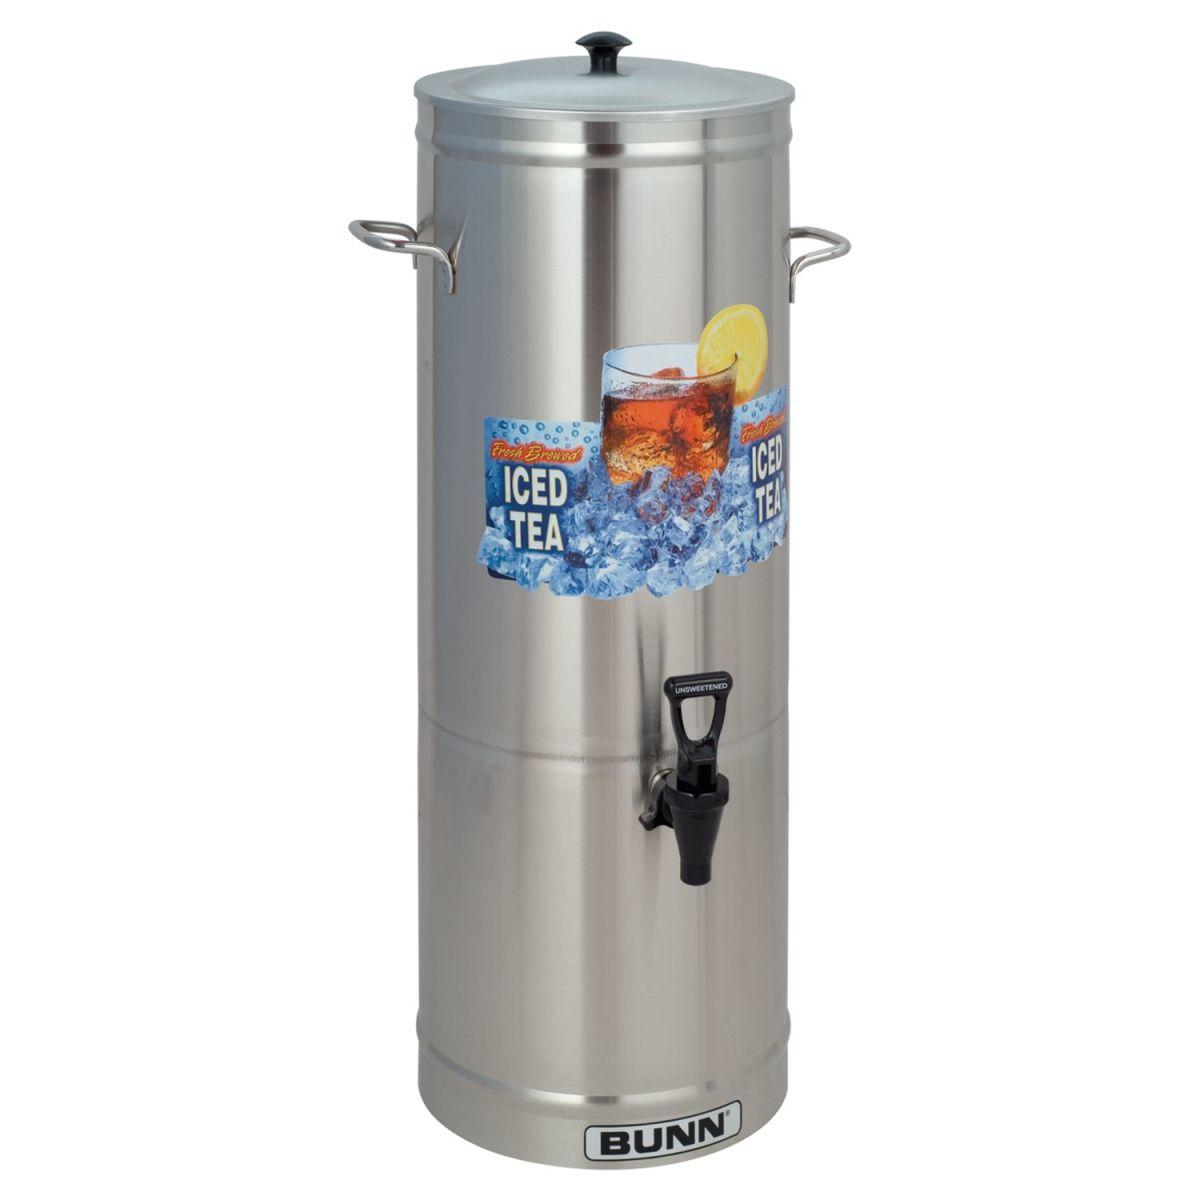 TDS-5 Dispenser w/Solid Lid